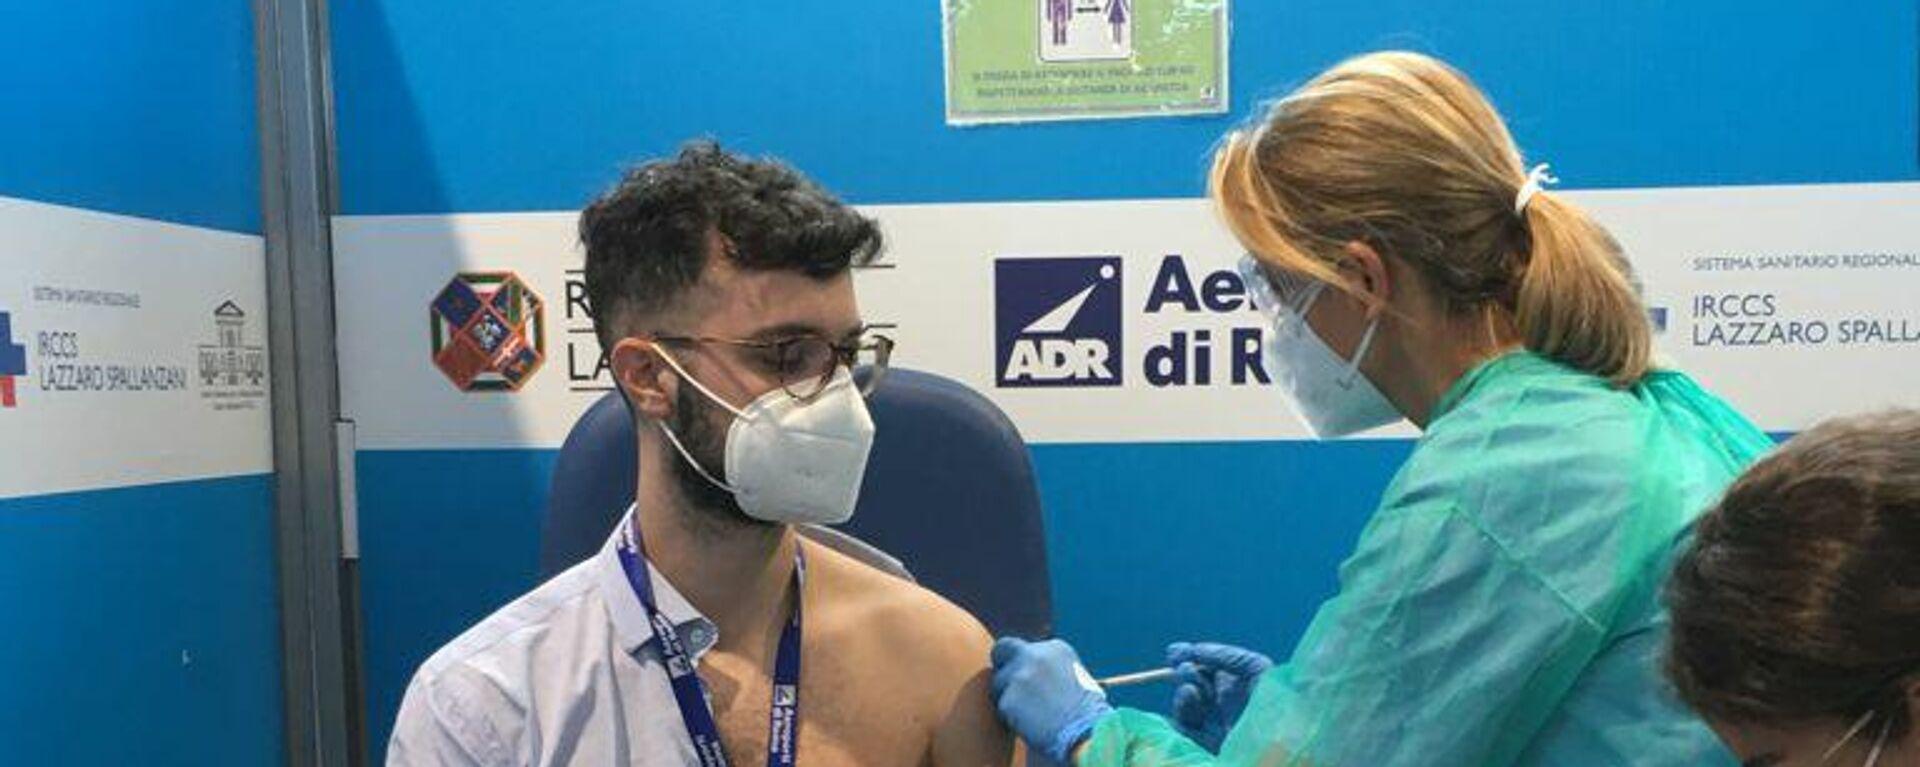 Vaccinazioni nel centro Vax&Go all'aeroporto di Fiumicino - Sputnik Italia, 1920, 08.08.2021